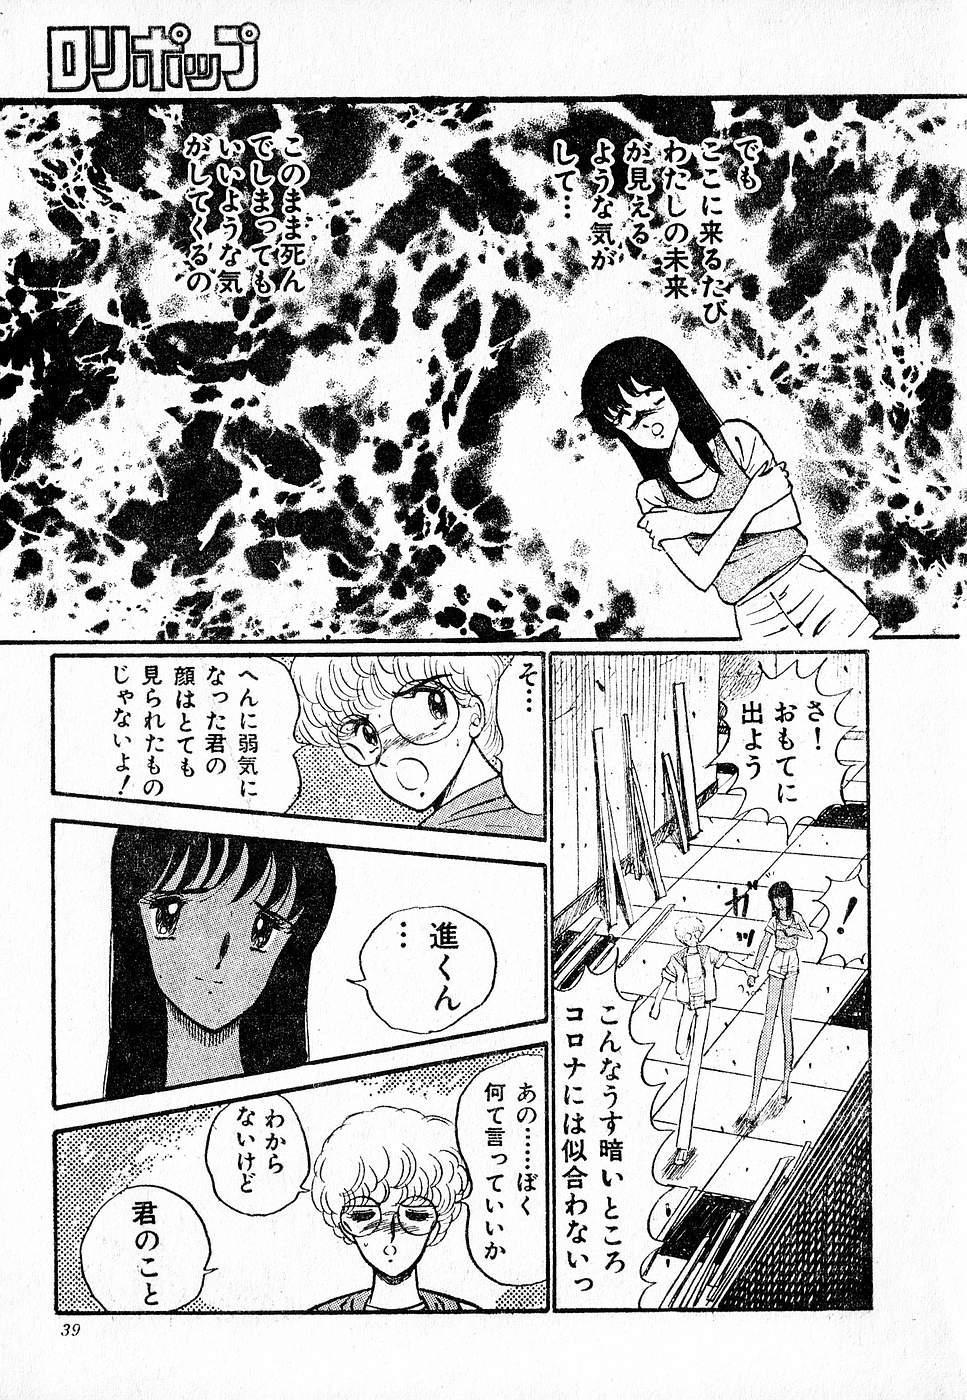 COMIC Lolipop 1985-10 Soukanjunbigou Aki 38